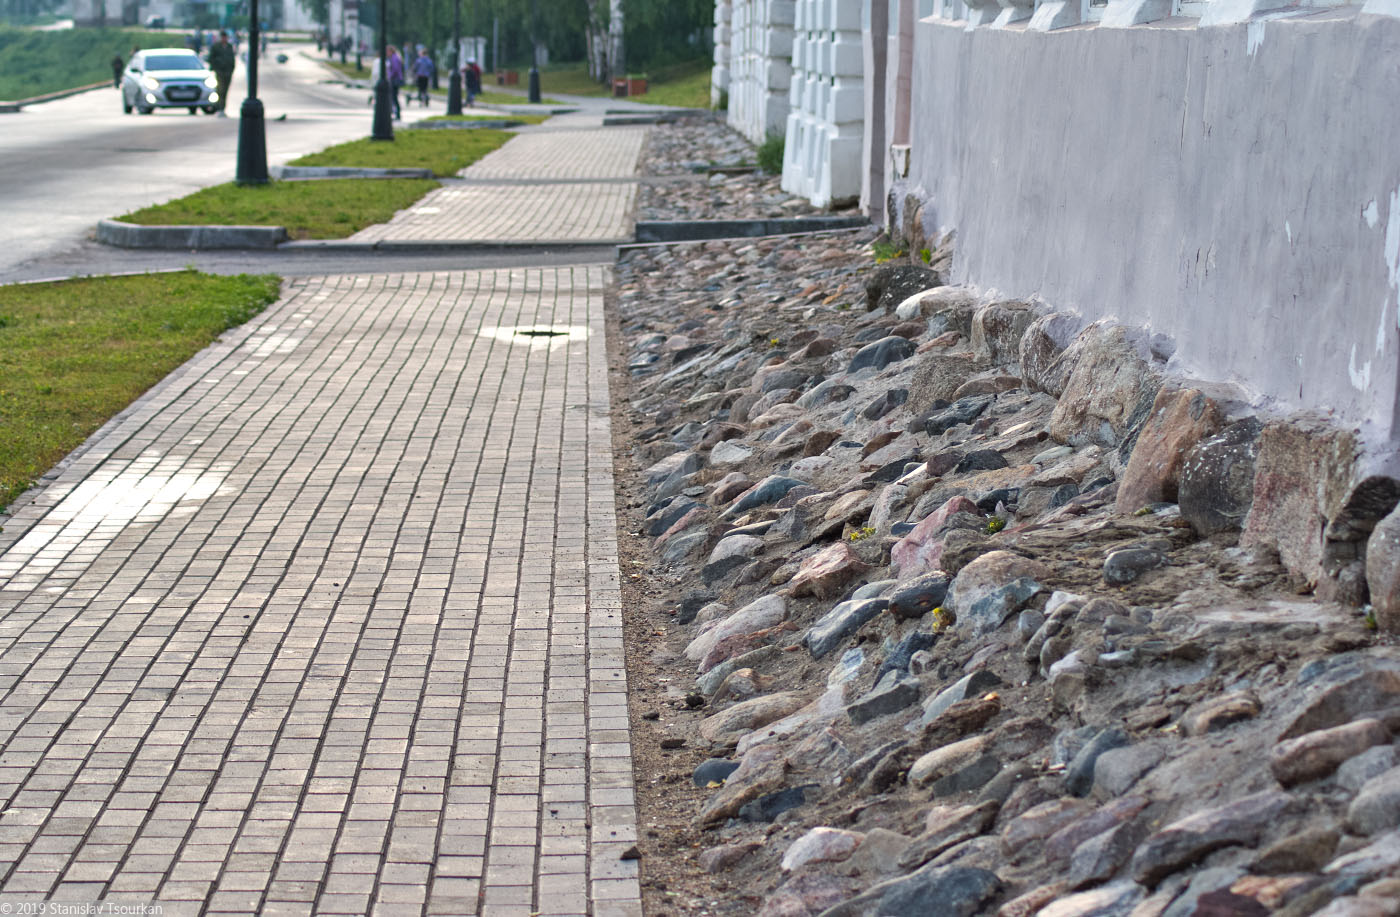 Вологодская область, Вологодчина, Великий Устюг, Русский север, фундамент, камни, Набережная улица